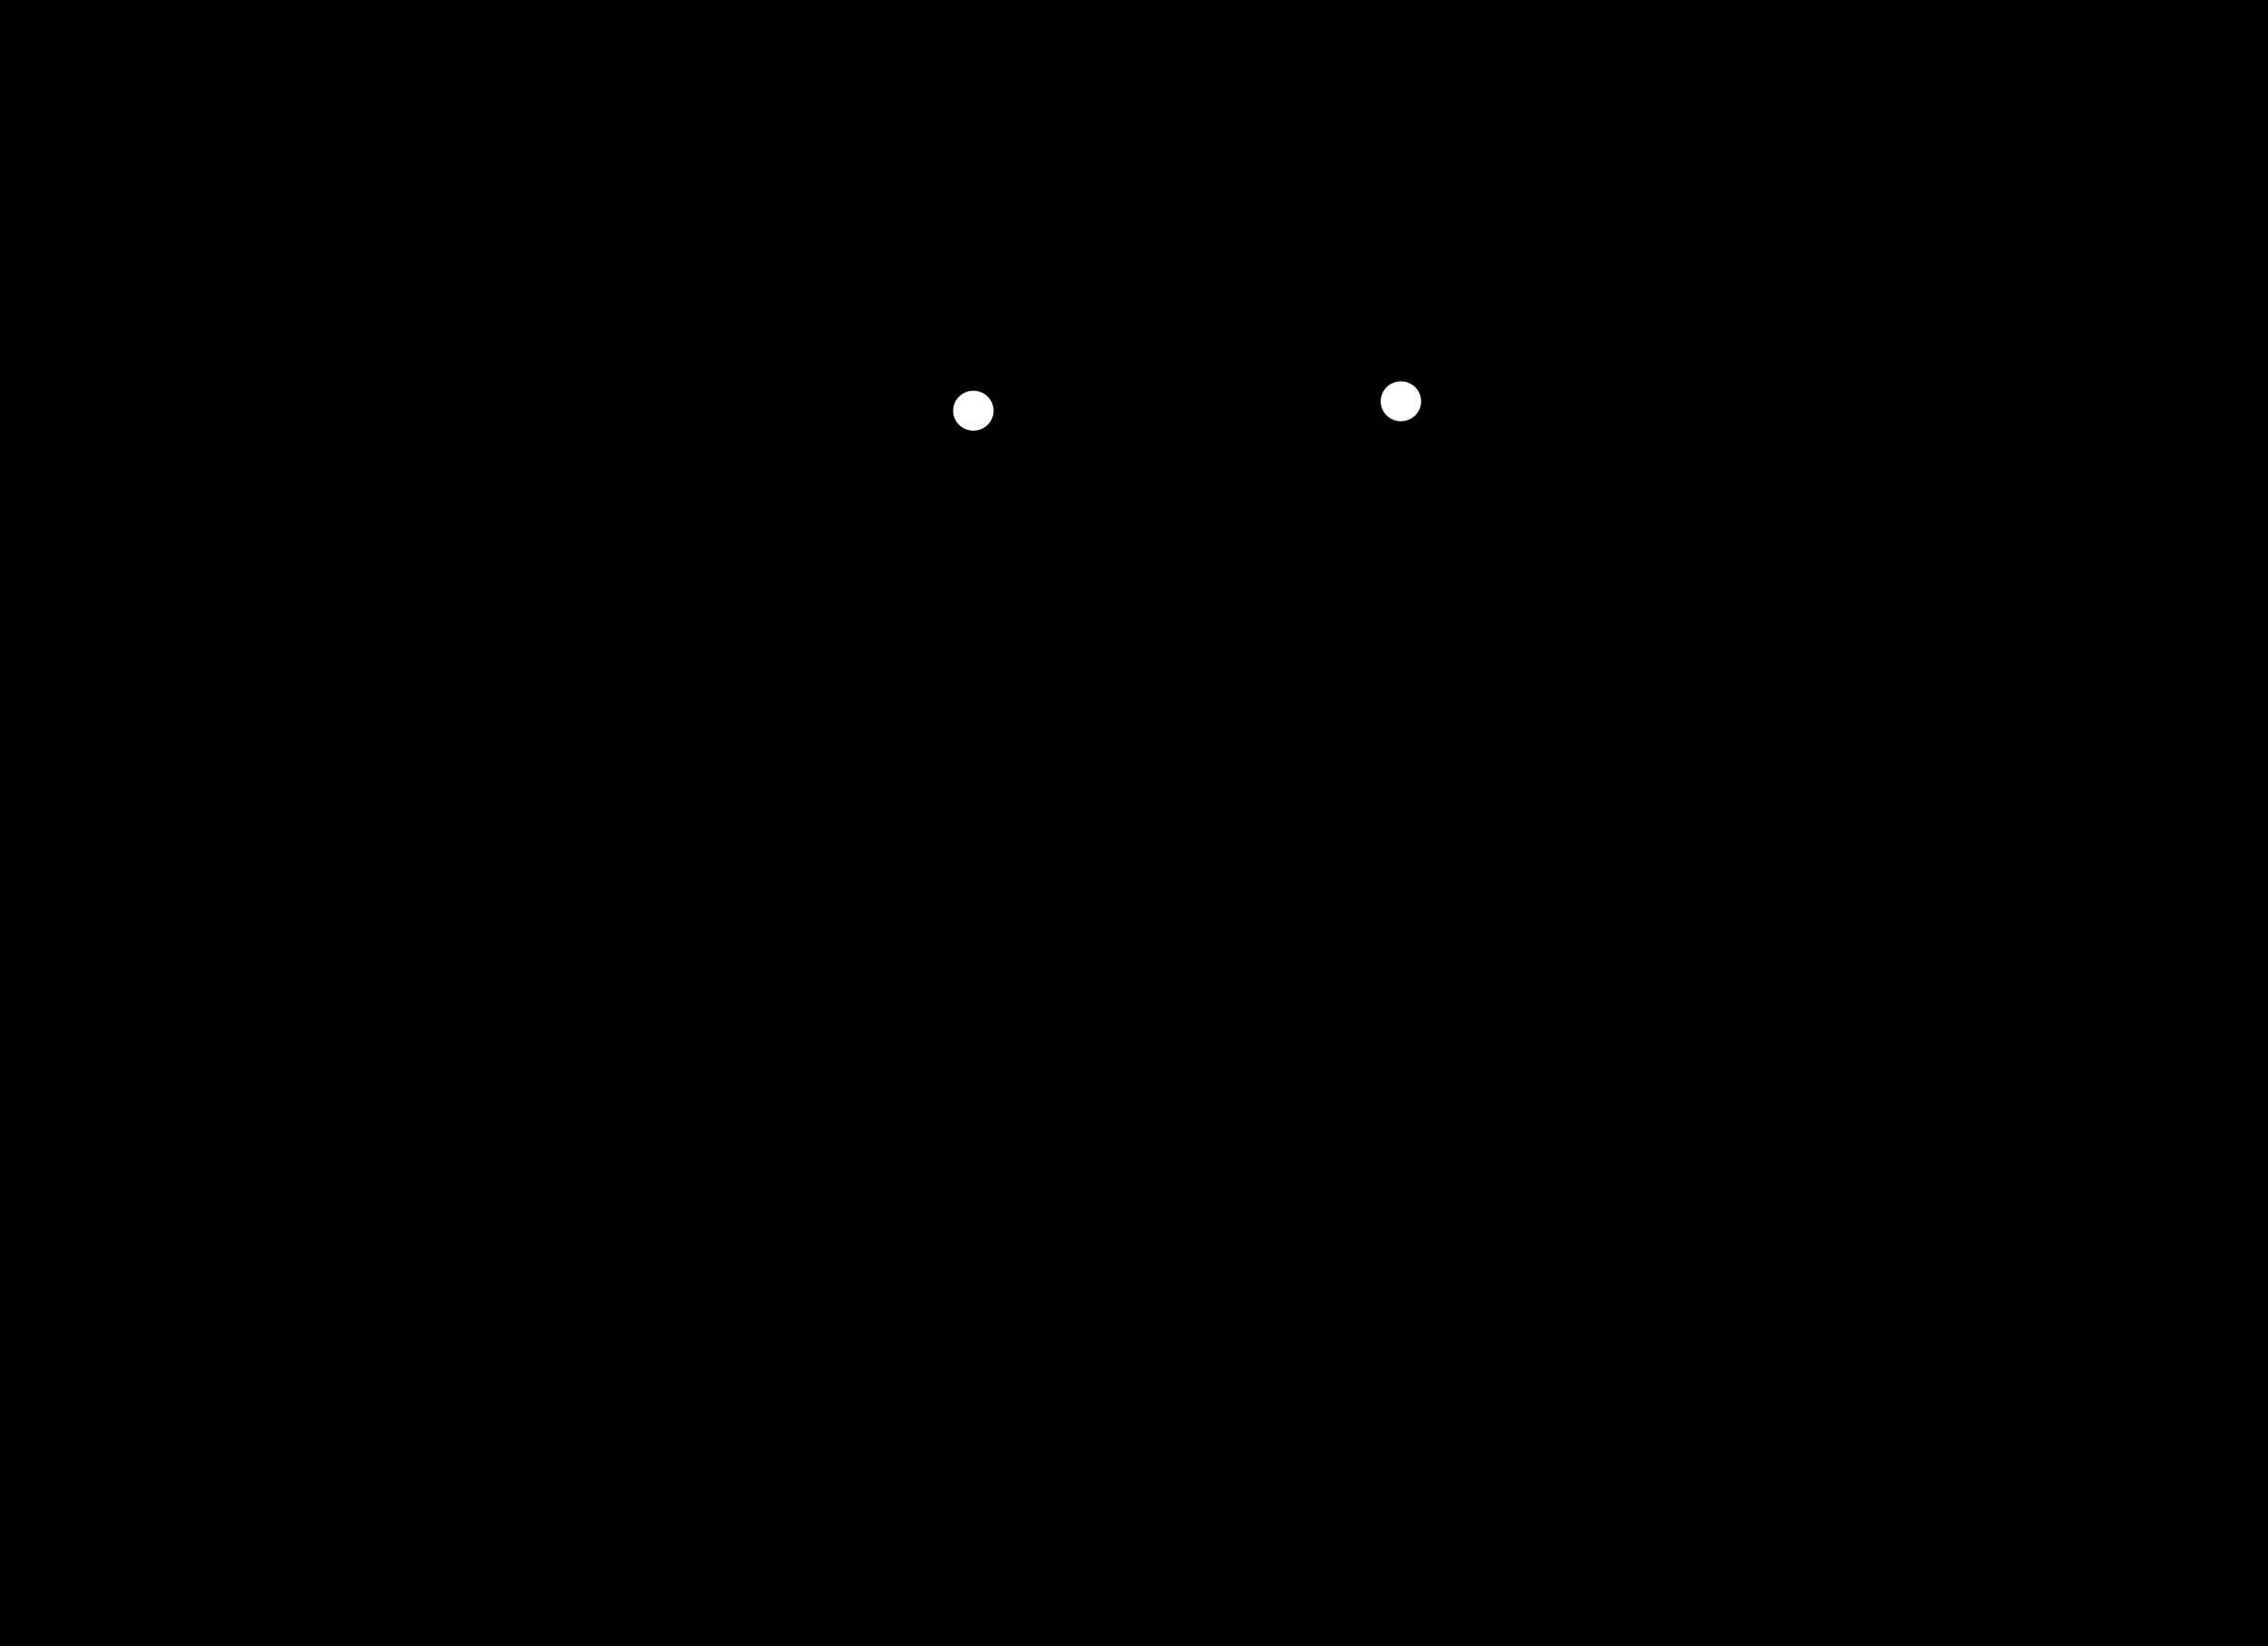 Чебурашка PNG